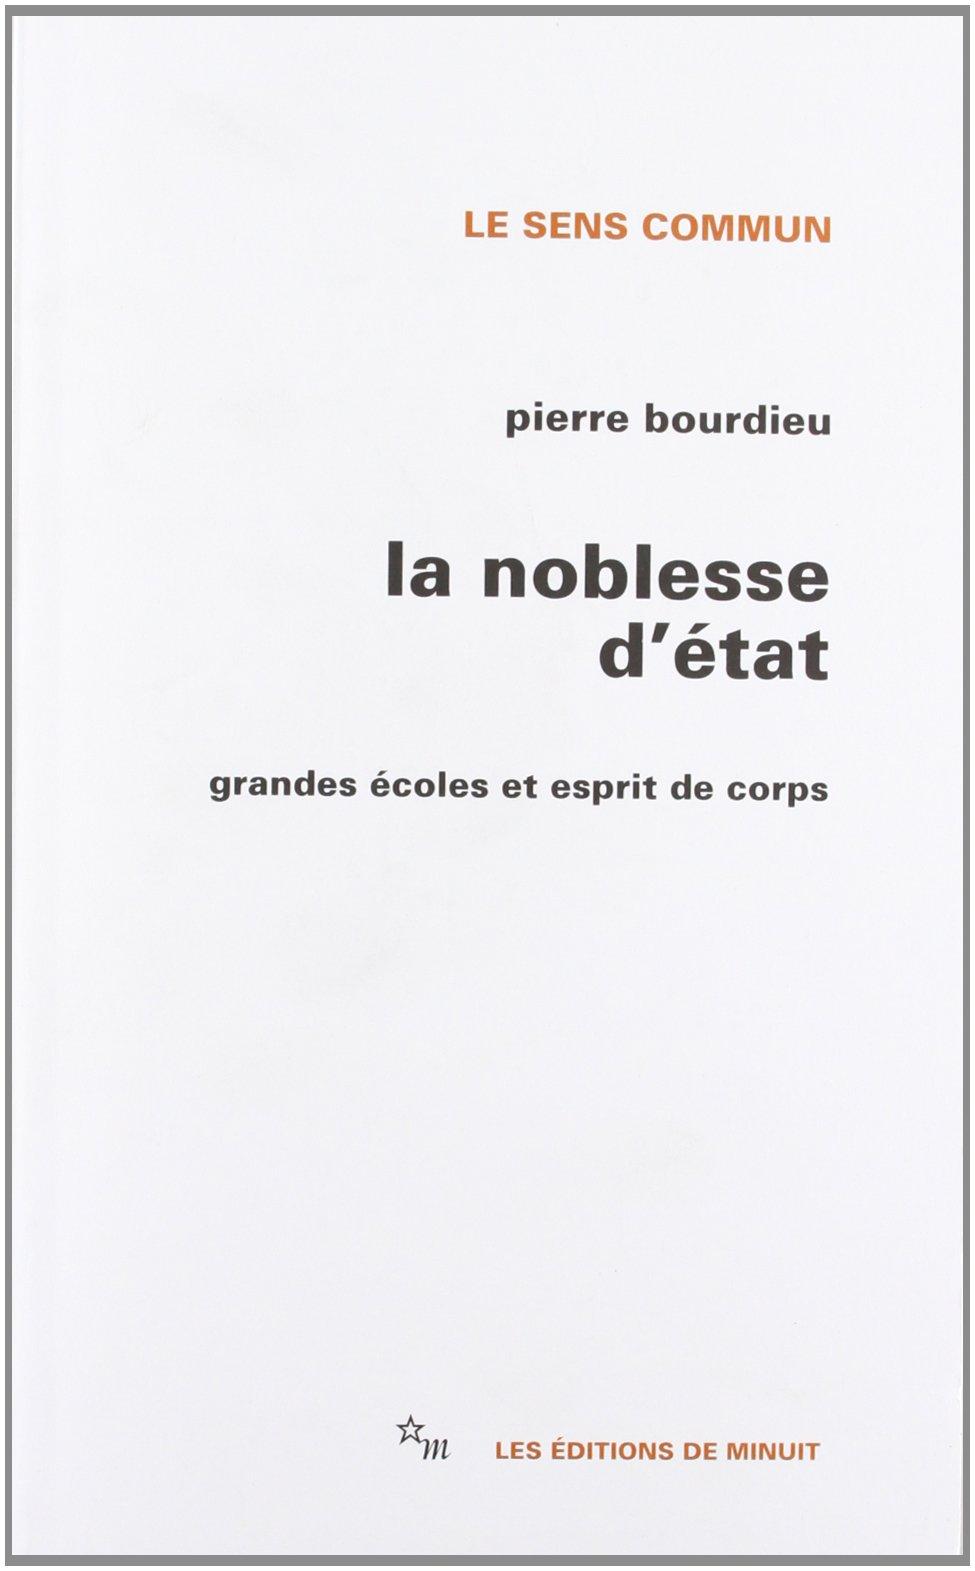 LA NOBLESSE D'ETAT. : Grandes écoles et esprit de corps Broché – 1 mars 1989 Pierre Bourdieu Les Editions de Minuit 2707312789 a0647